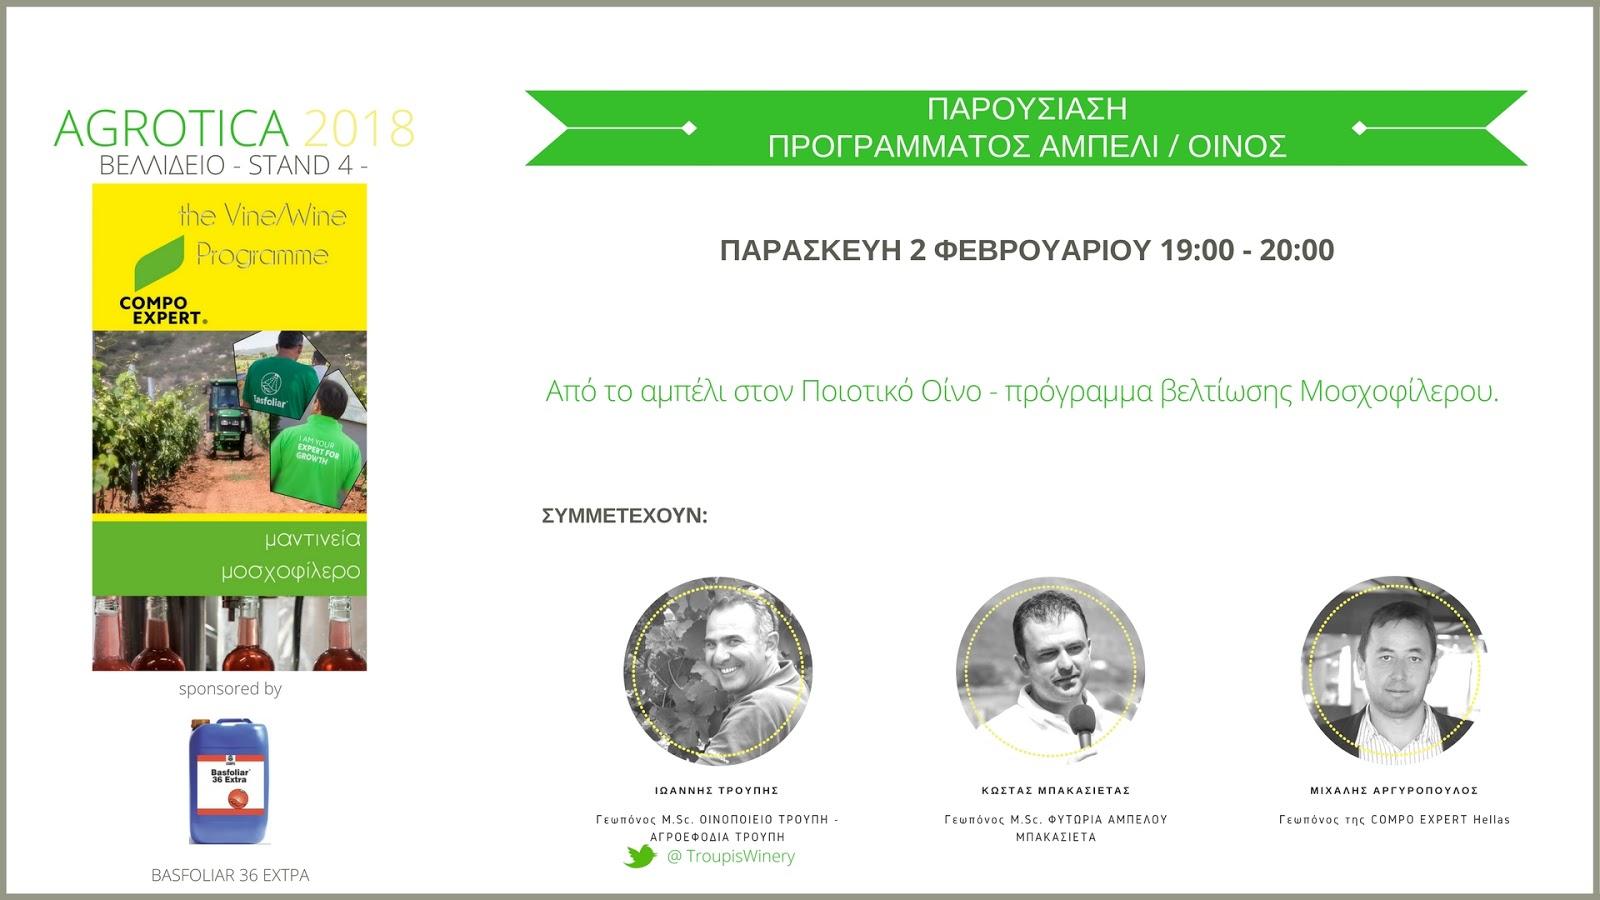 ... ενώ ο Γεωπόνος της Compo Expert Hellas κ. Μιχάλης Αργυρόπουλος Michalis  Arguropoulos θα αναφερθεί στη νέα κατεύθυνση θρέψης της καλλιέργειας σε ... b7ead237215